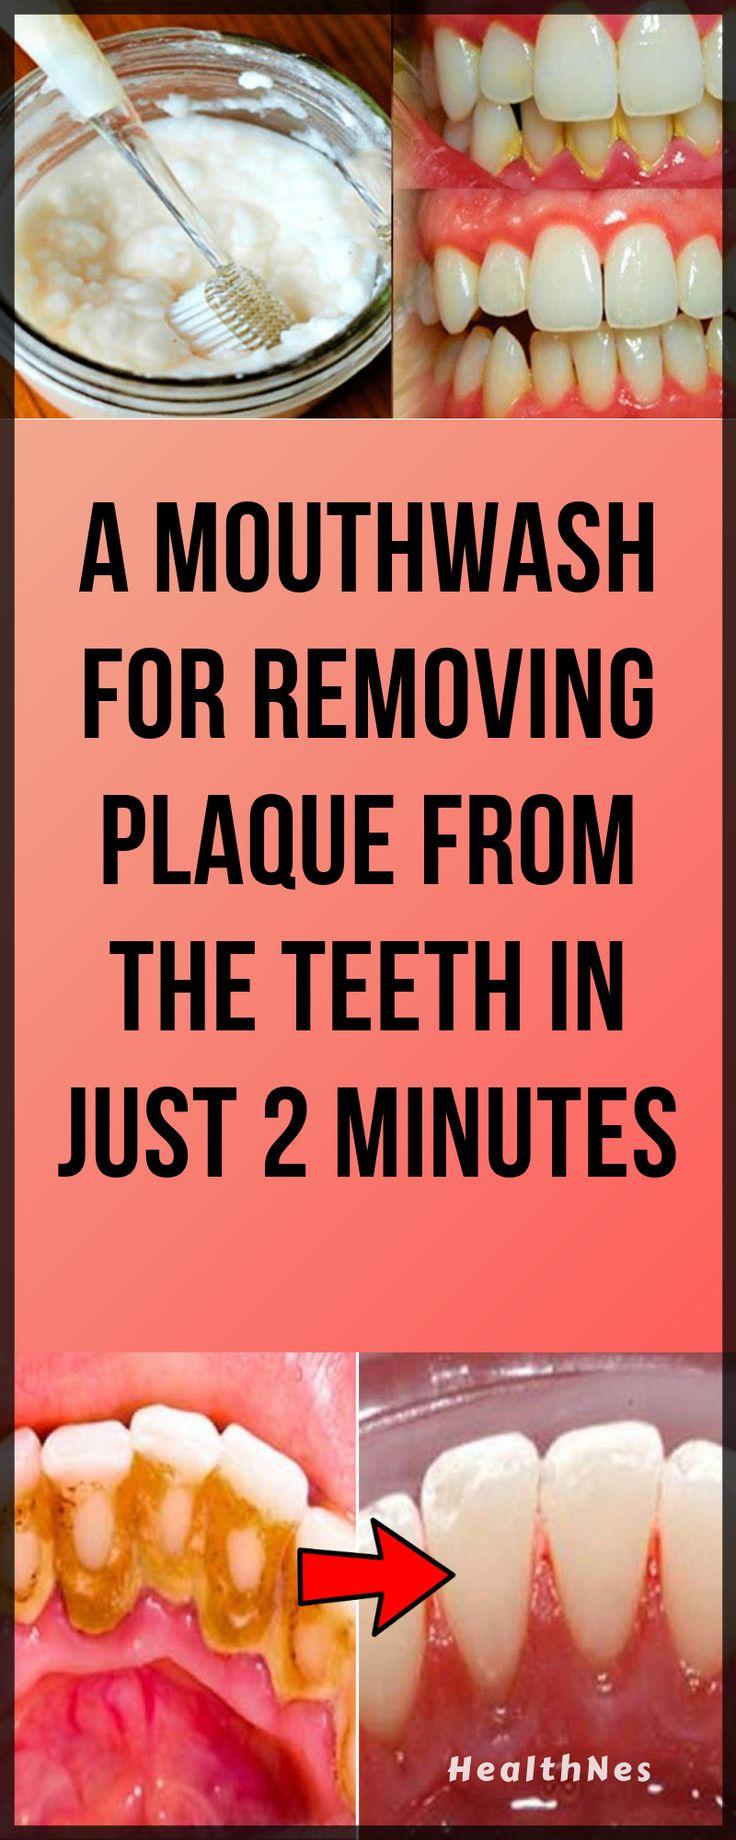 Ein Mundwasser zum Entfernen von Plaque von den Zähnen in nur 2 Minuten    – Dental Health